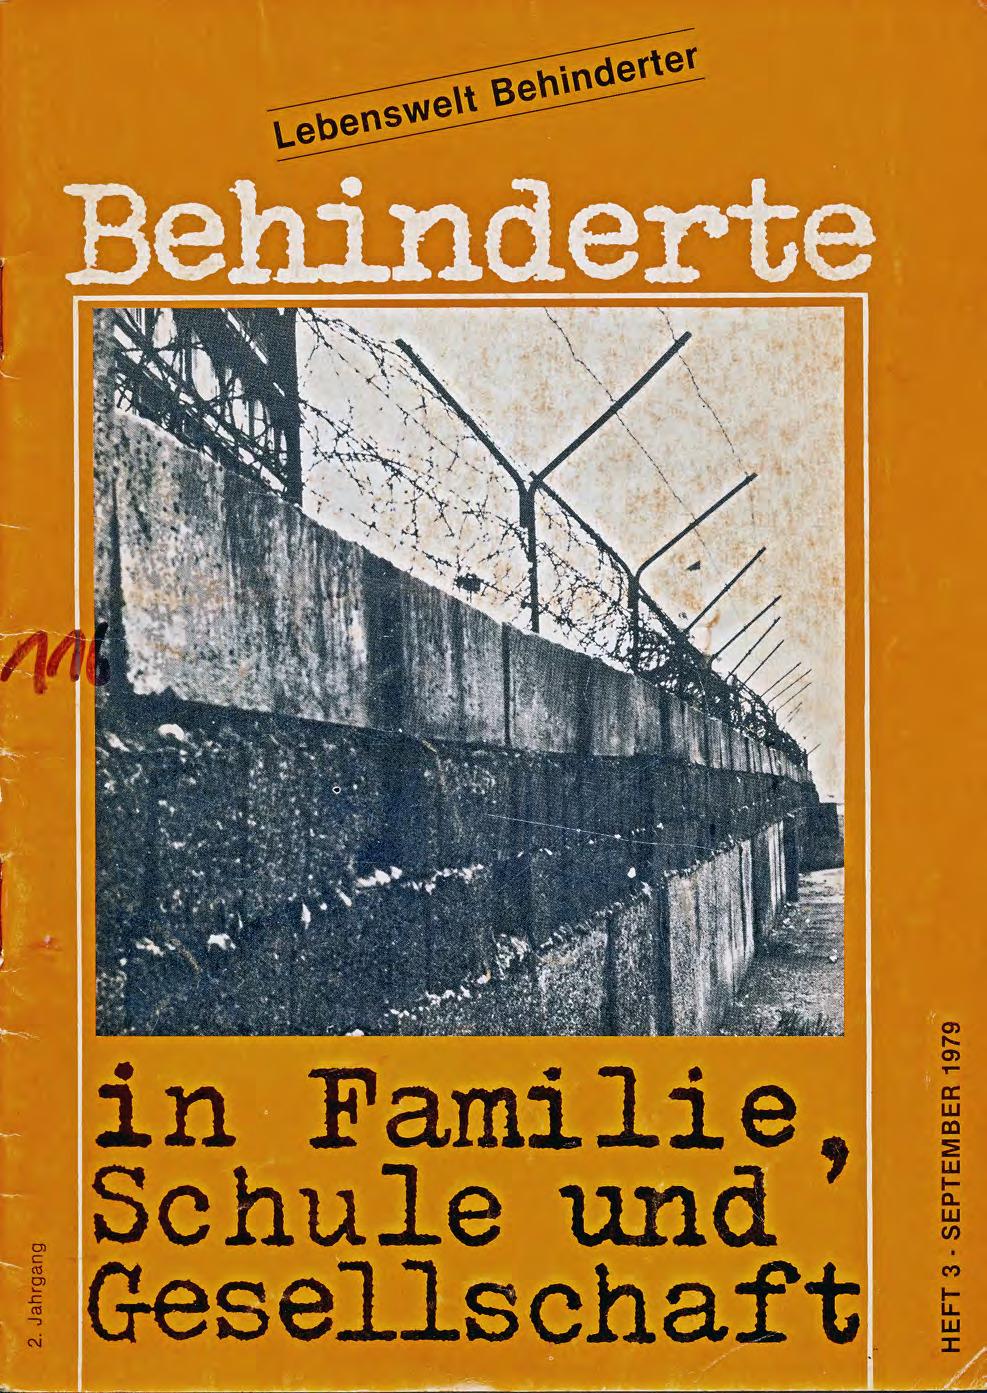 """Titelbild der Zeitschrift BEHINDERTE MENSCHEN, Ausgabe 3/1979 """"Lebenswelt Behinderter"""""""